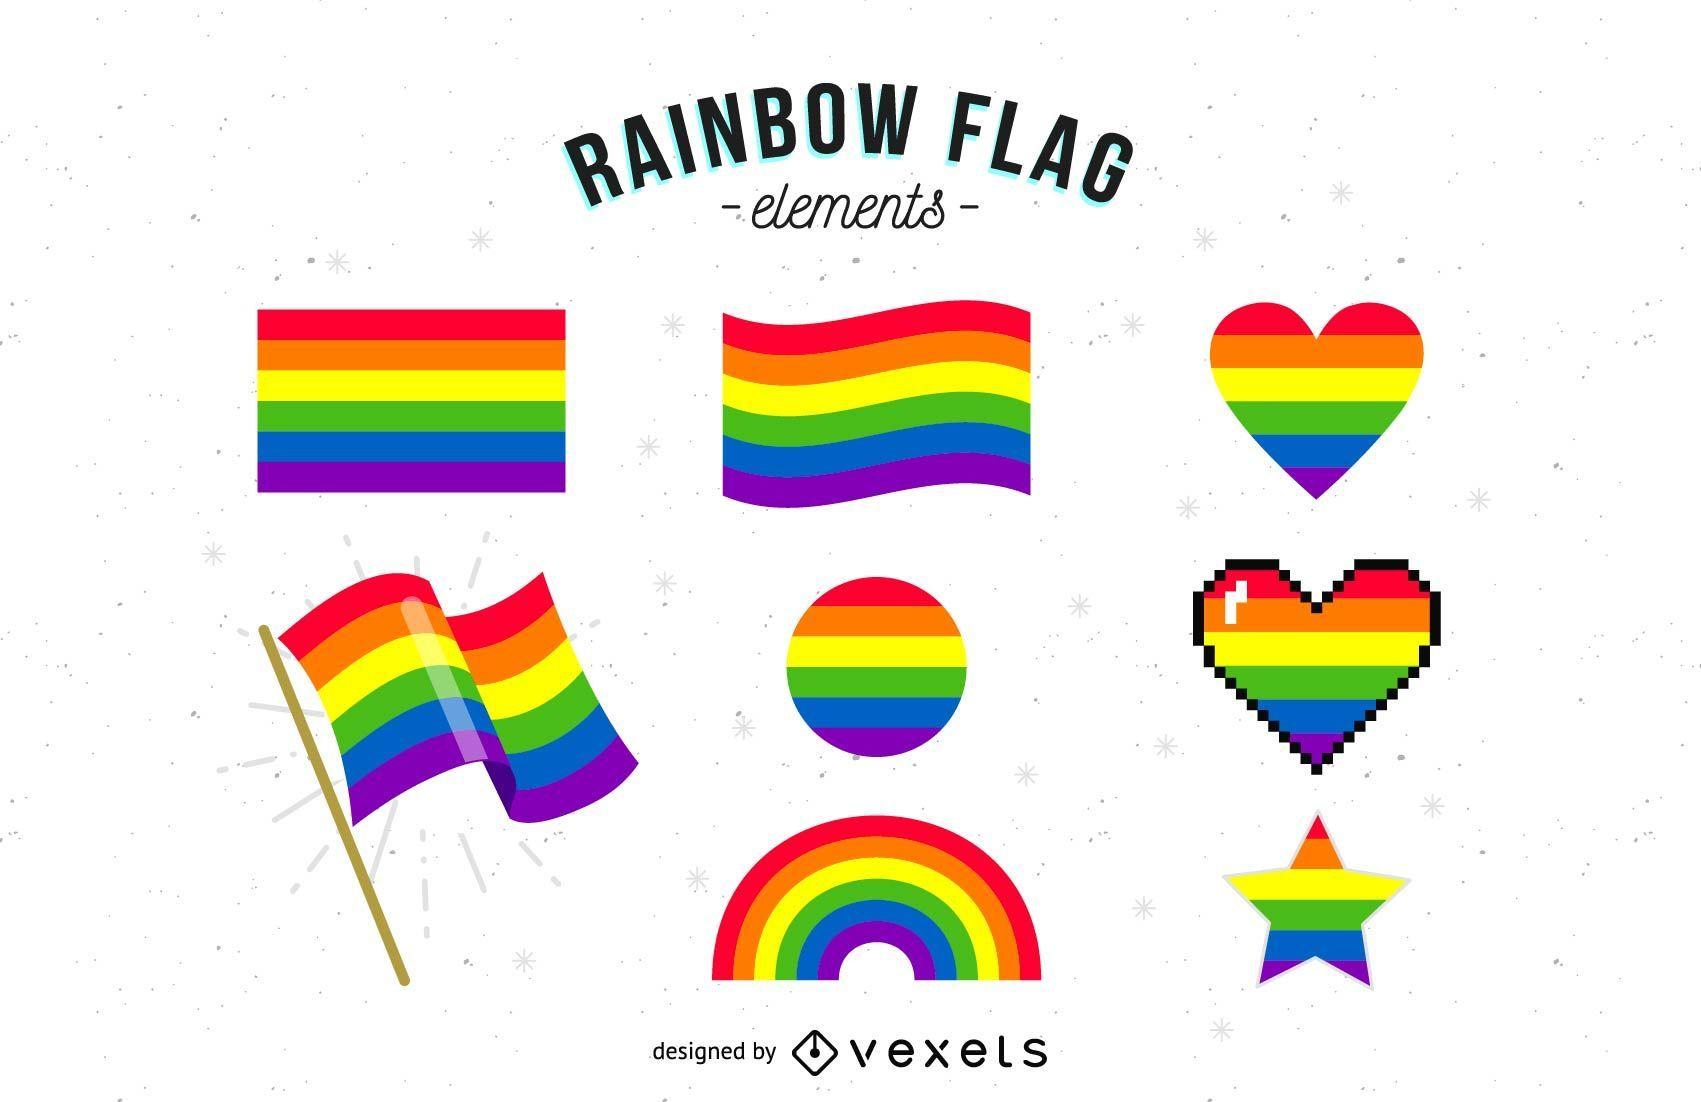 Coleção de elementos da bandeira do arco-íris